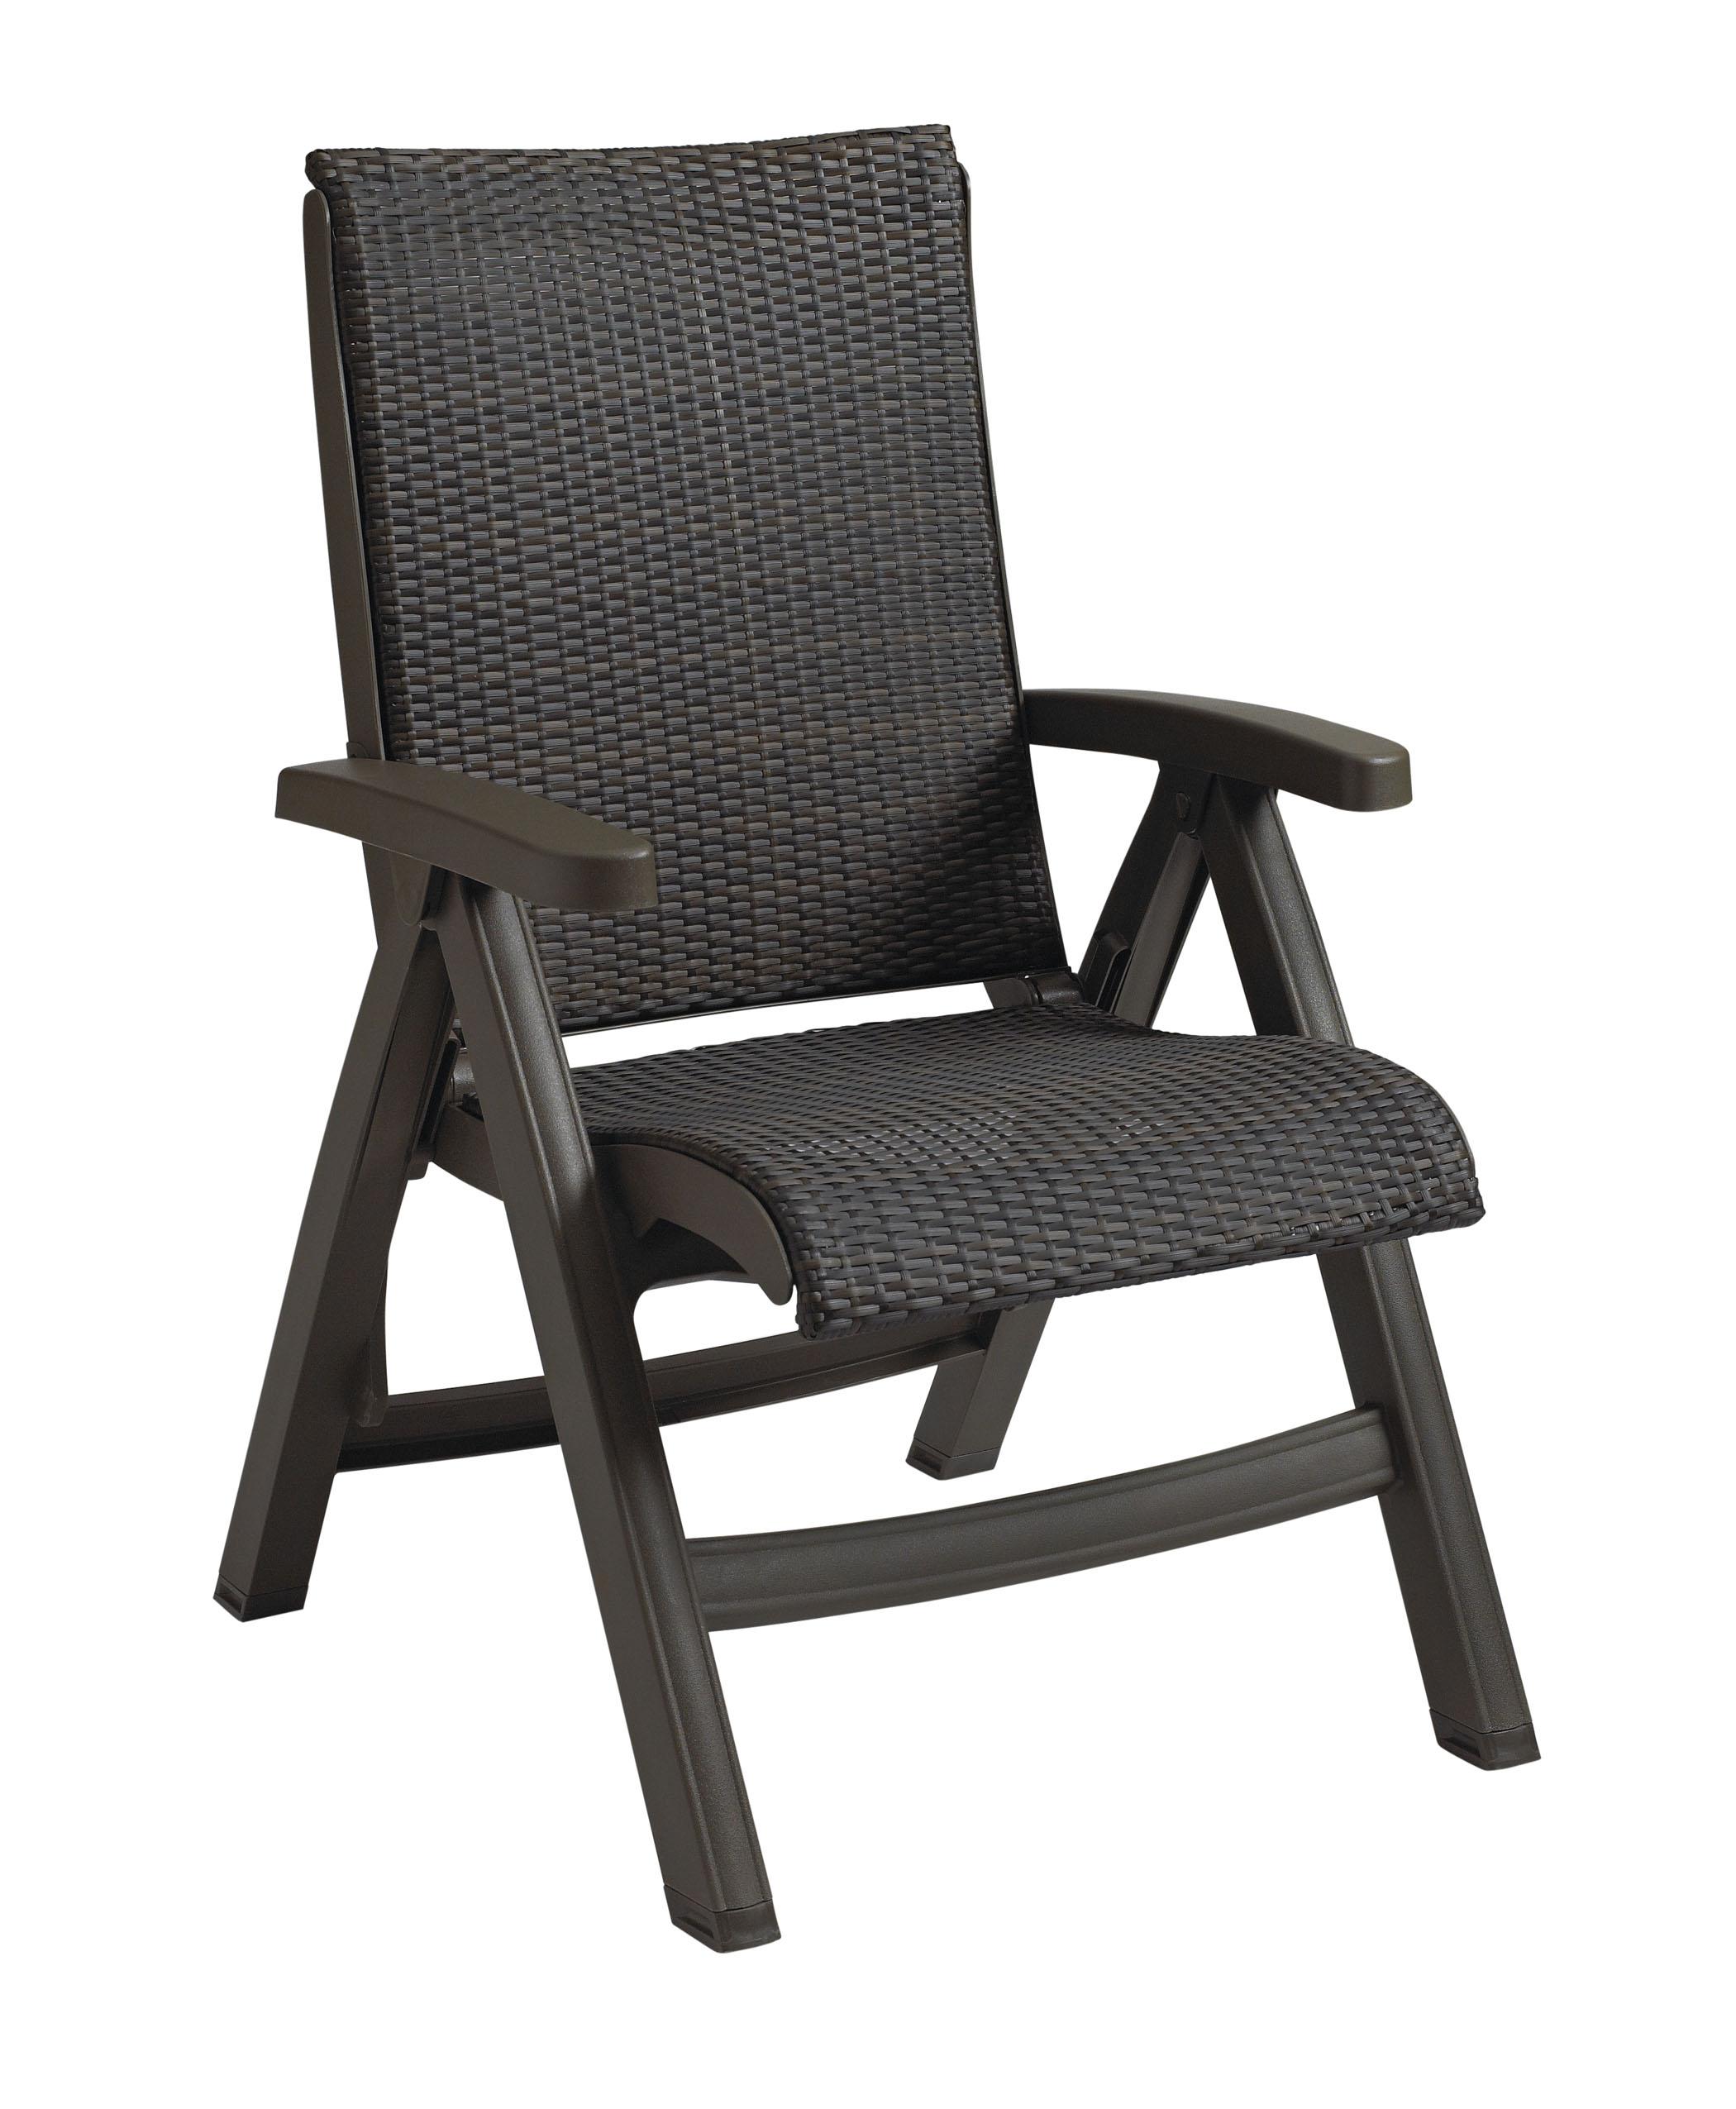 Java All Weather Wicker Resin Folding Chair  ETT